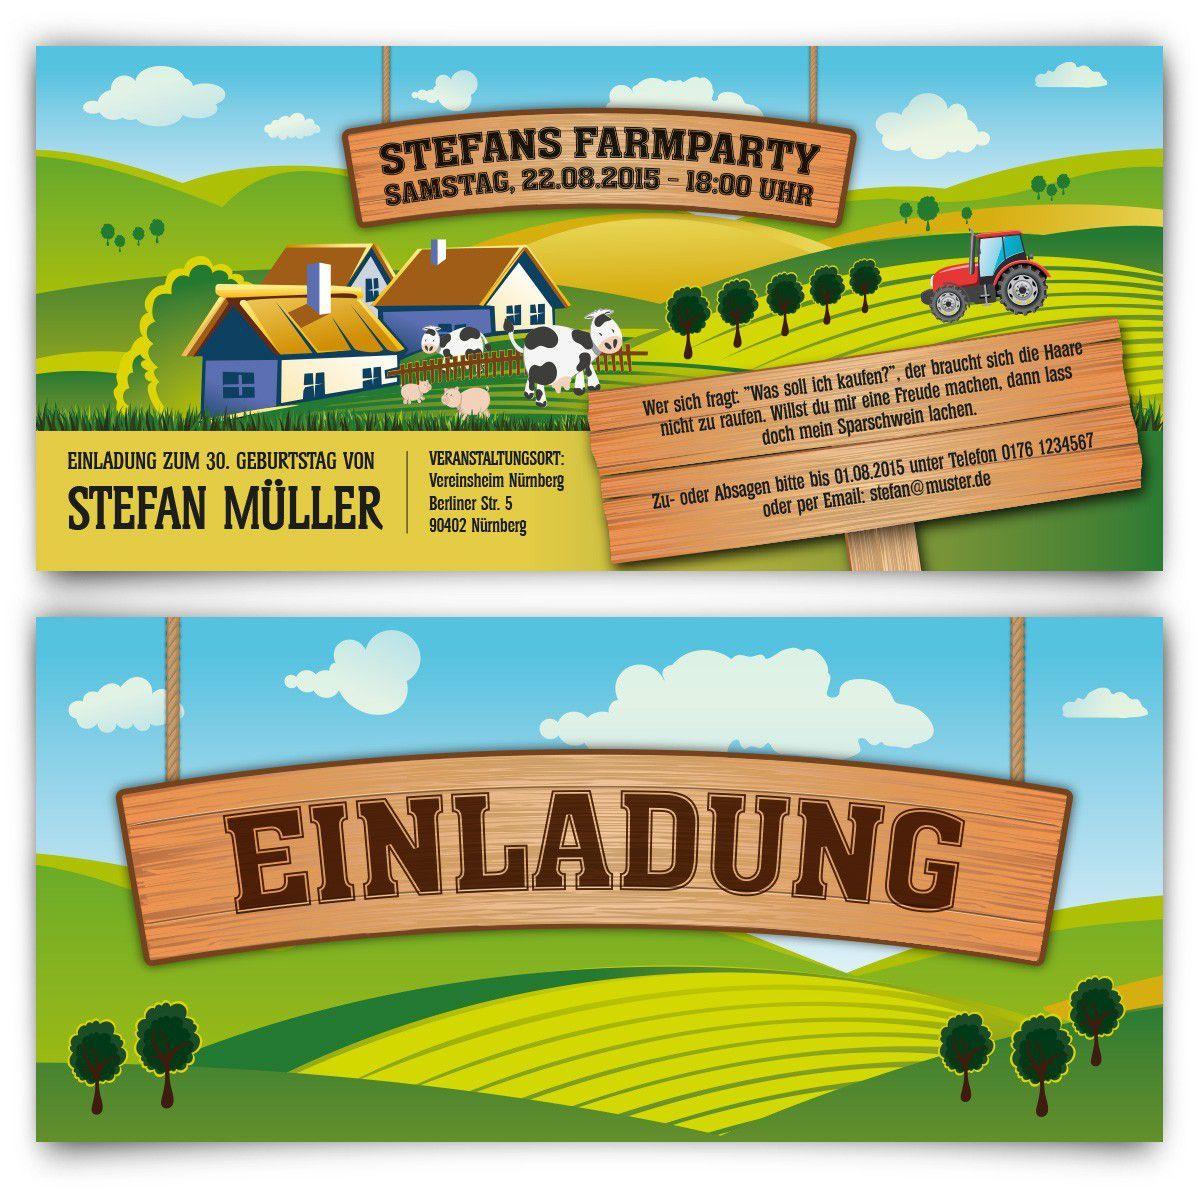 Einladung Vorlage Zu Party Geburtstag Essen: Einladung Kindergeburtstag Bauernhof Vorlage